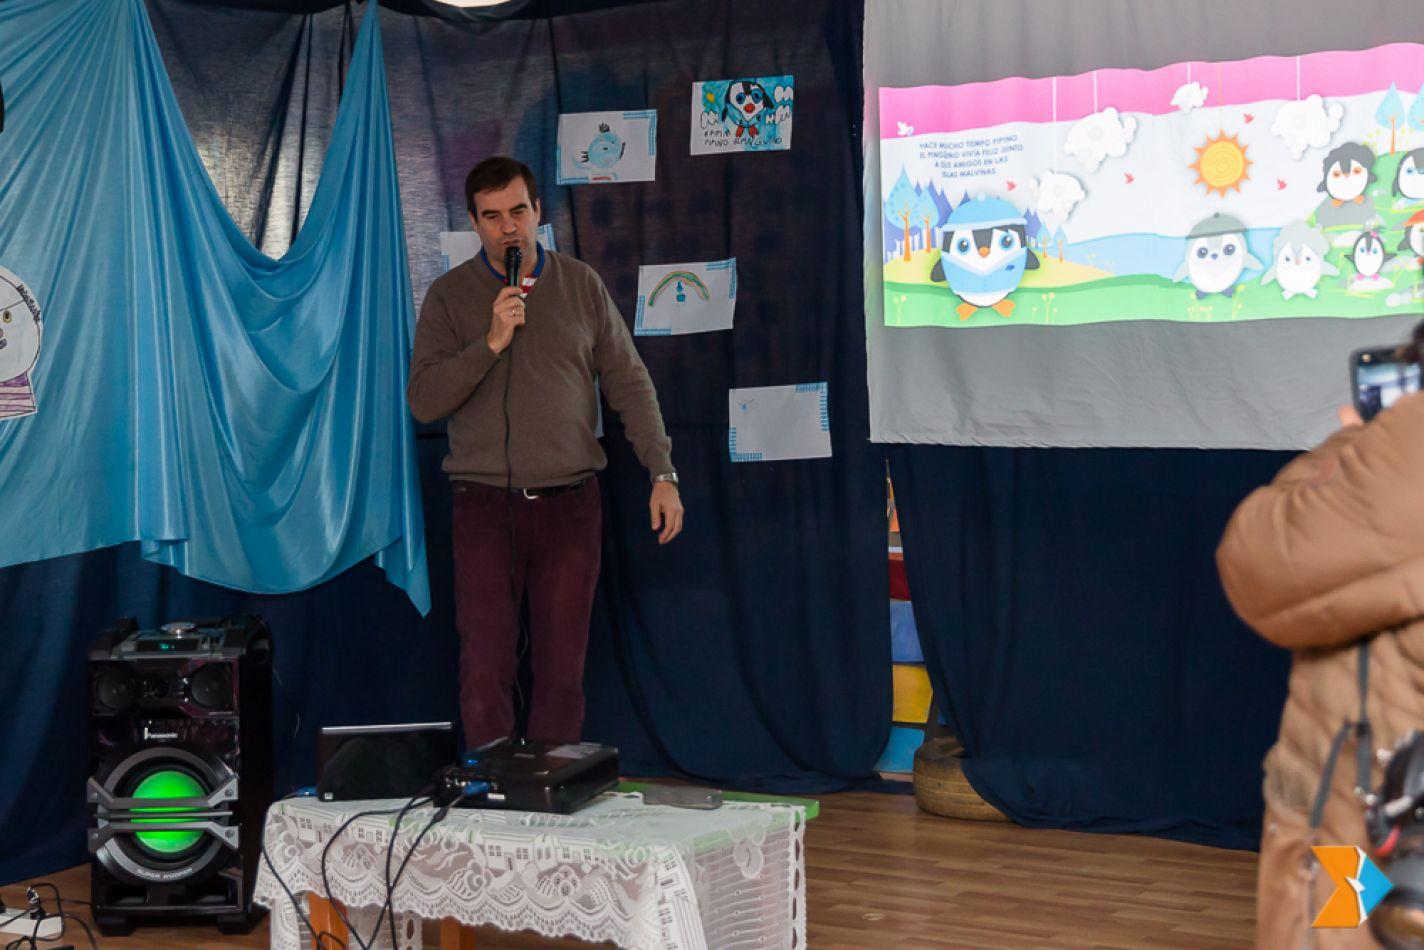 Un excombatiente presenta en Ushuaia su libro de cuentos para niños